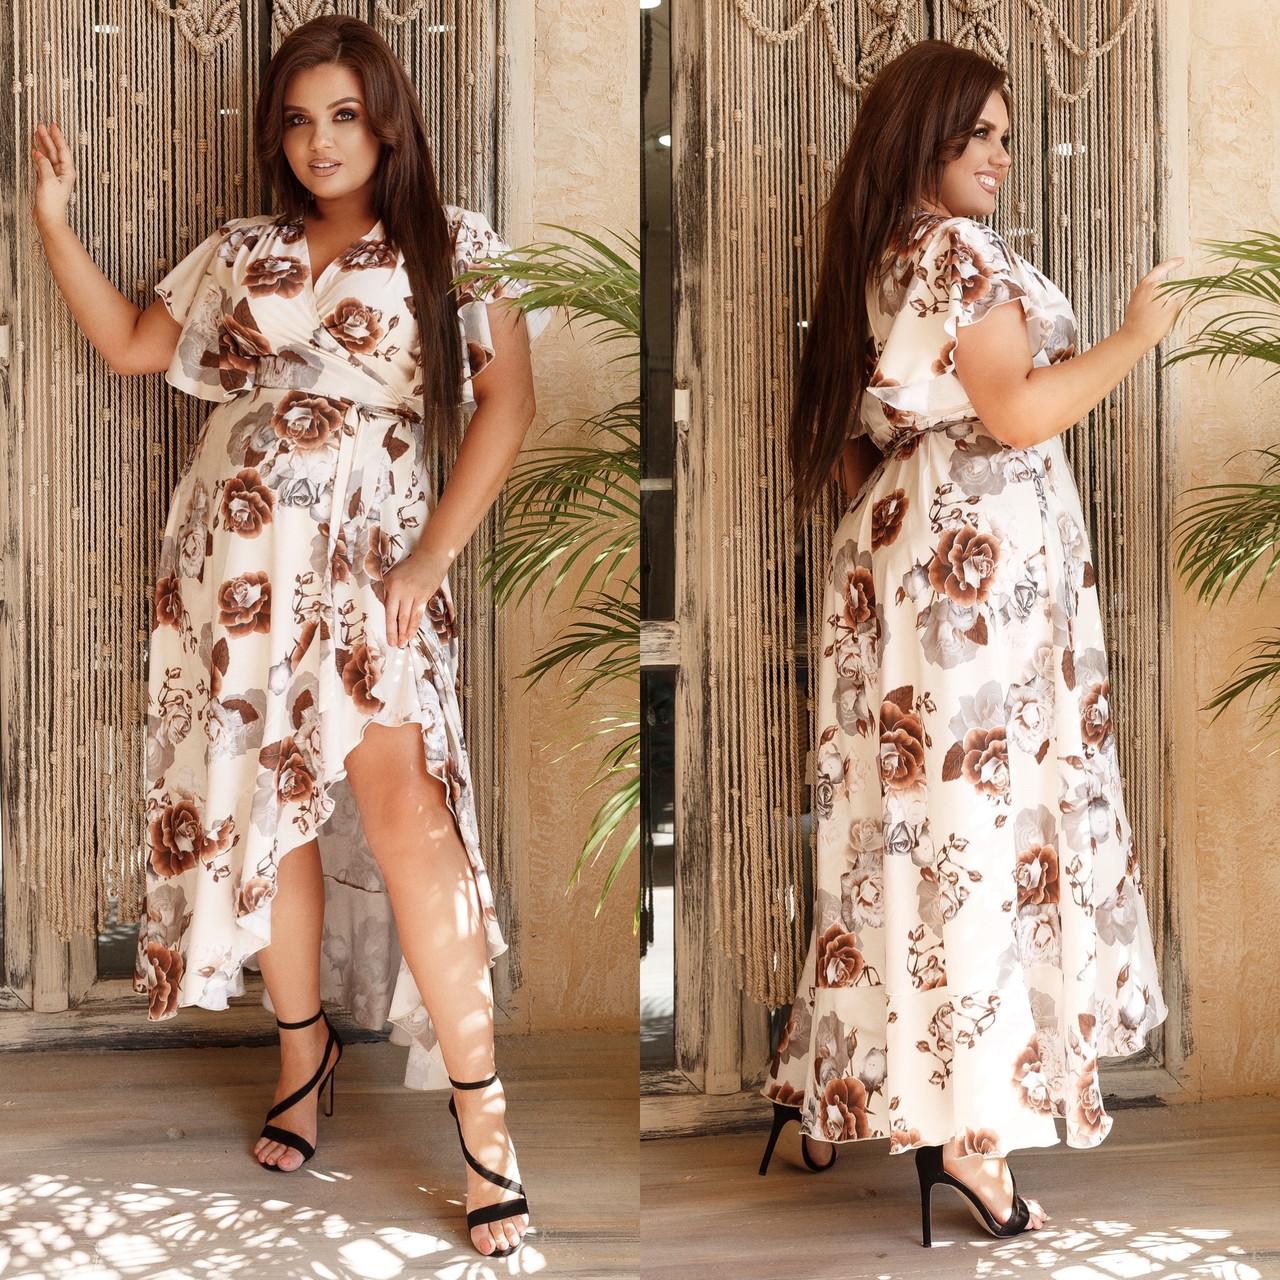 Женское длинное платье на запах летнее. Нарядное платье на запах с поясом летнее. Летние платья на запах цветочный принт. Платье с запахом большого